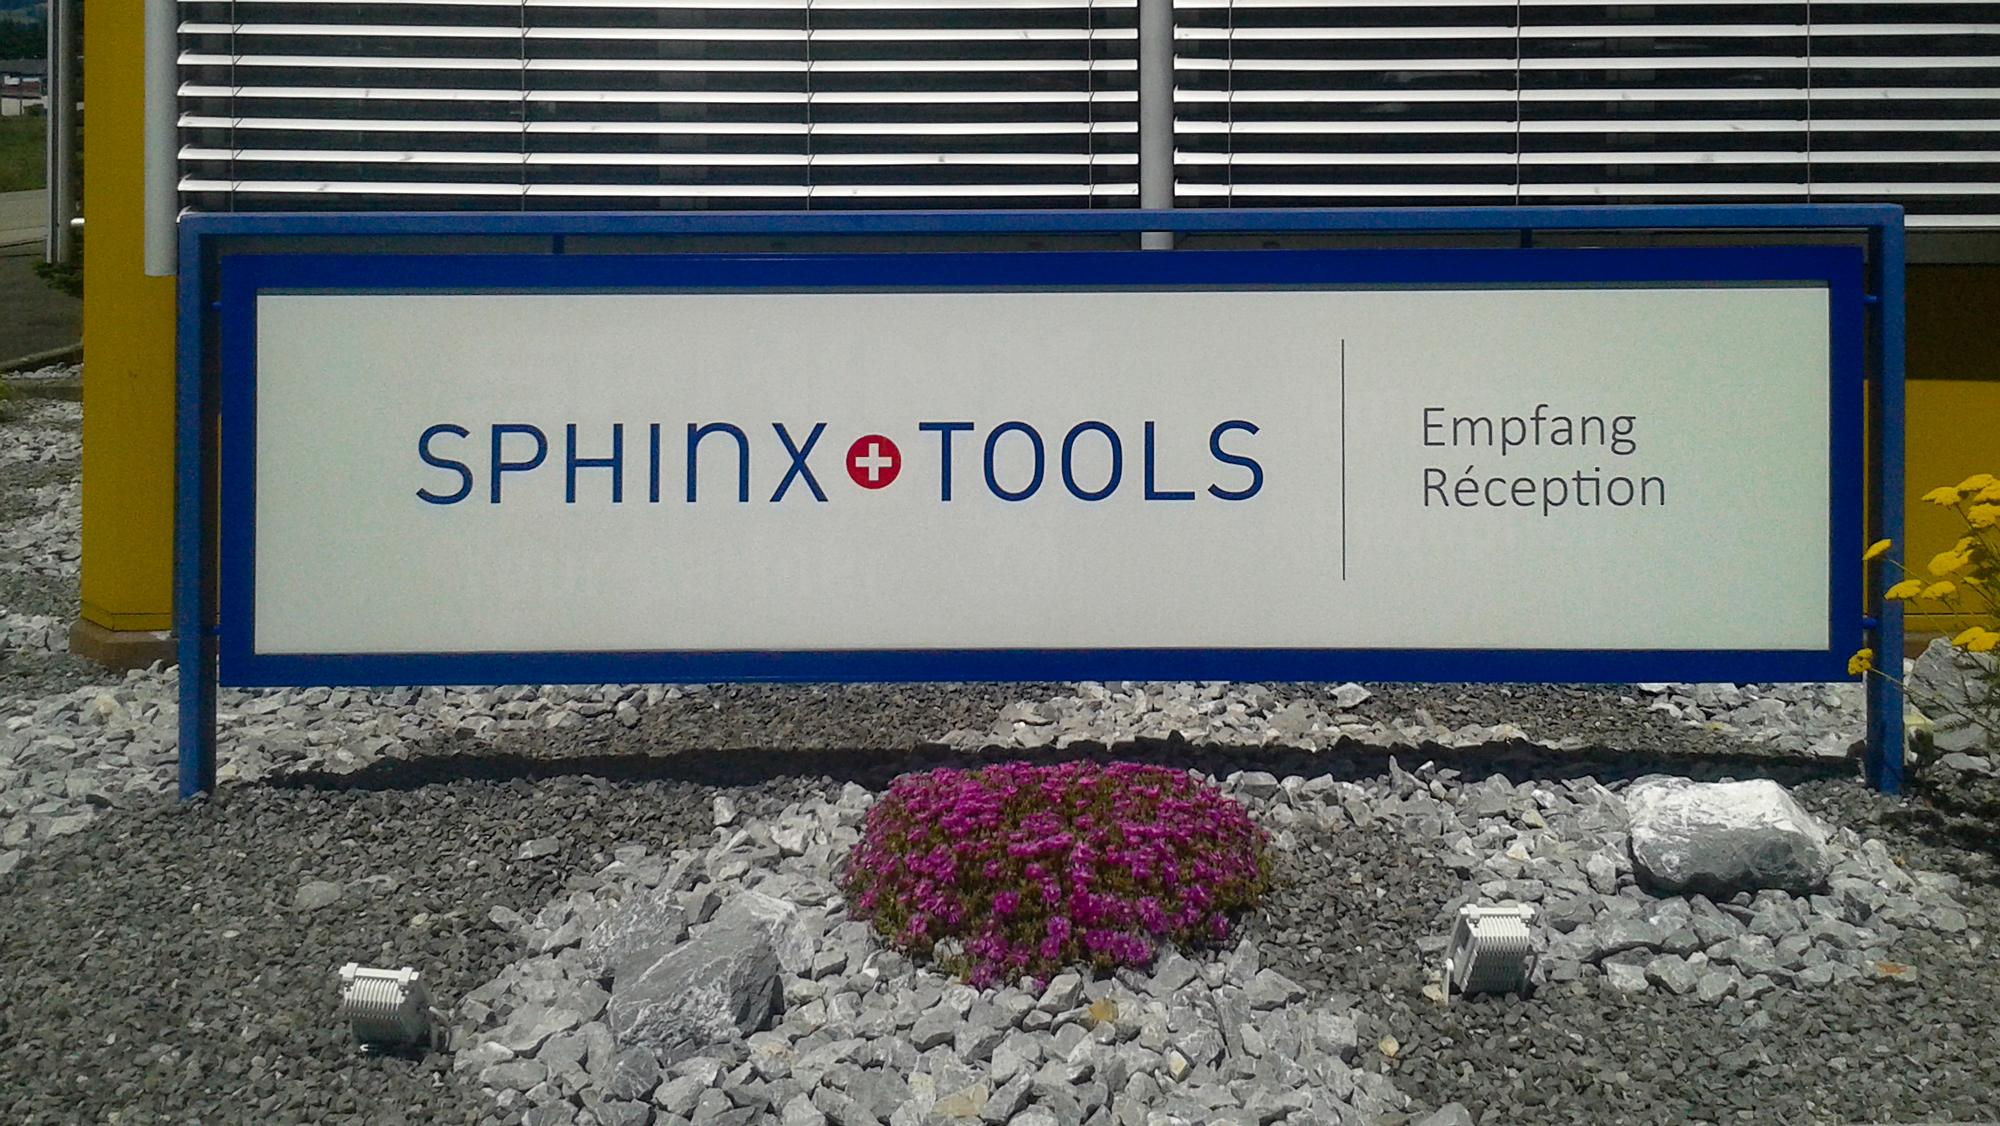 Sphinx-tools.jpg